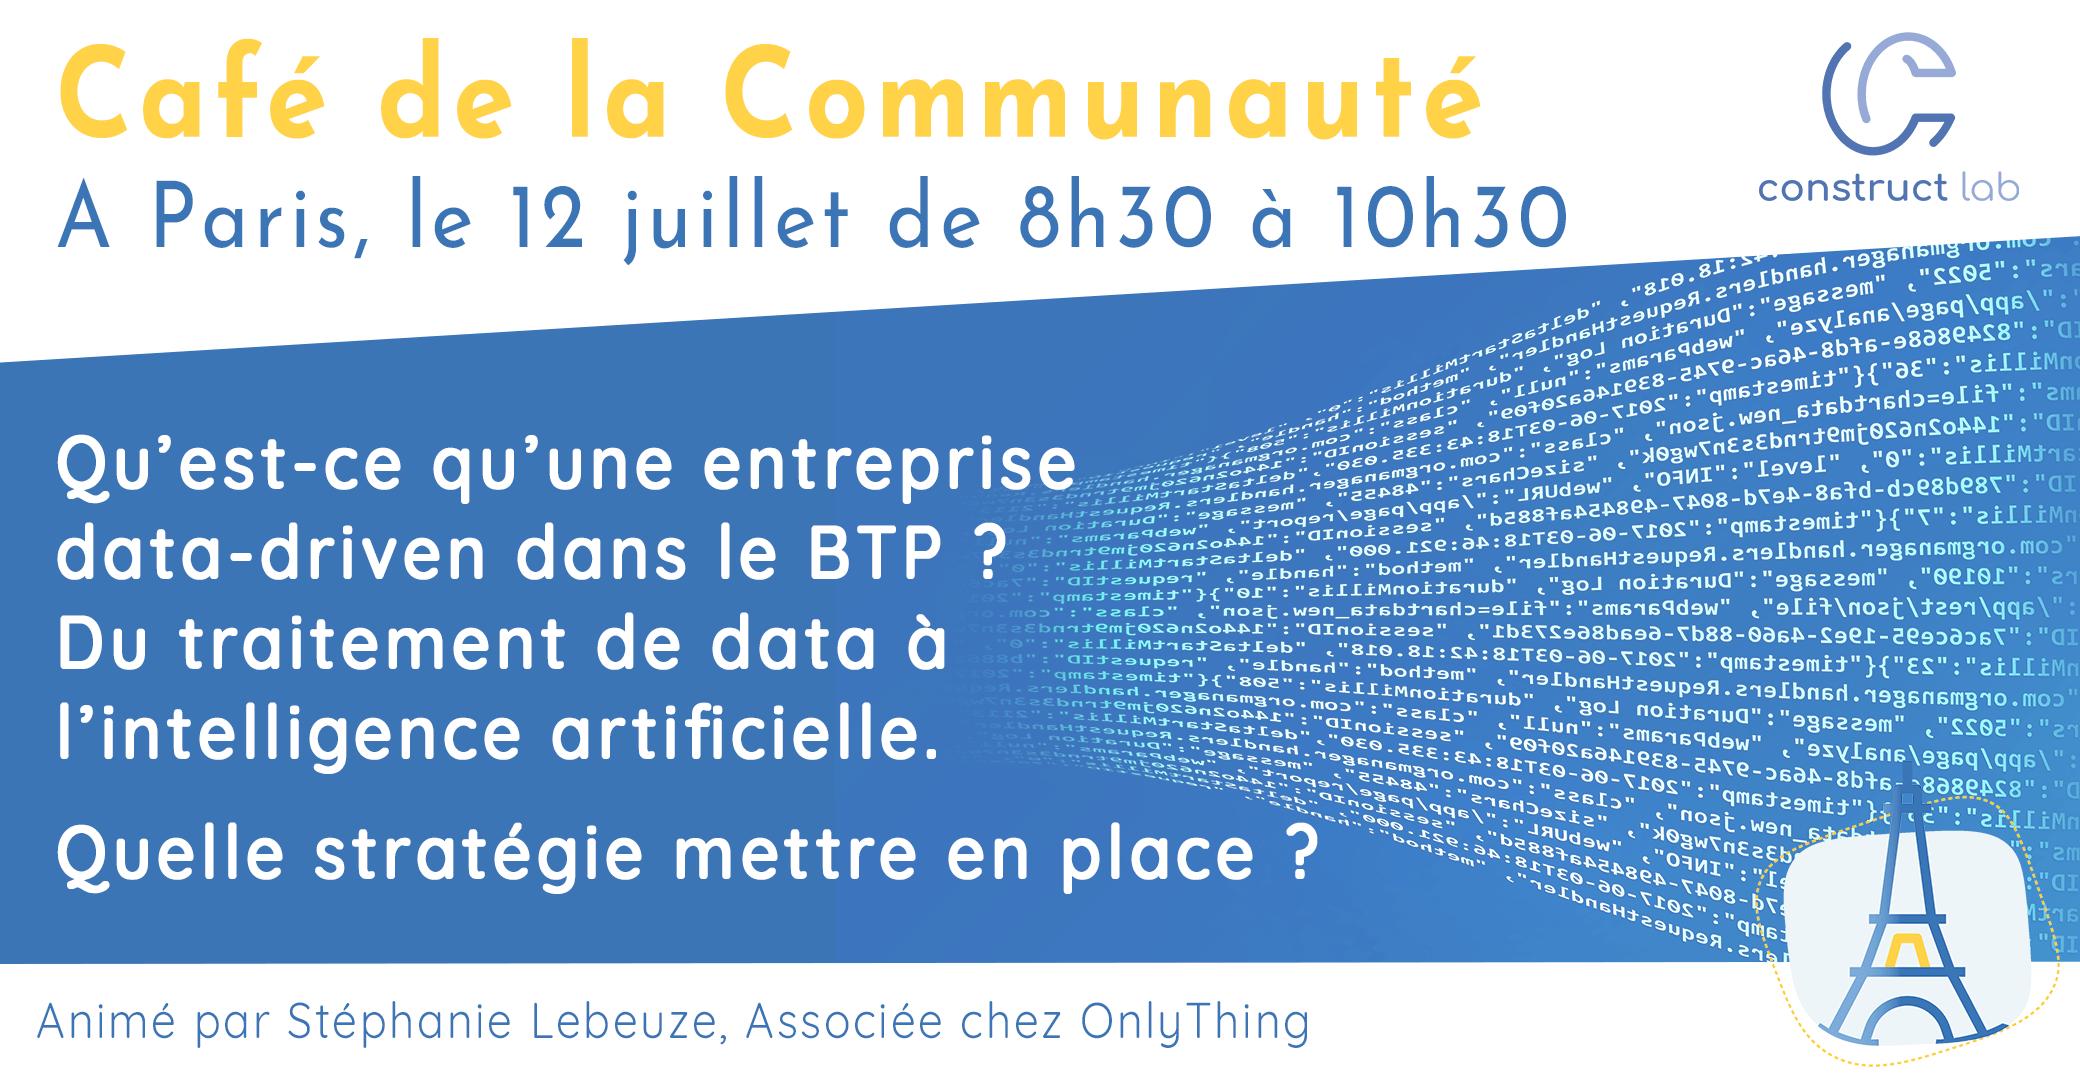 Visuel Café de la communauté Paris 12/07/19